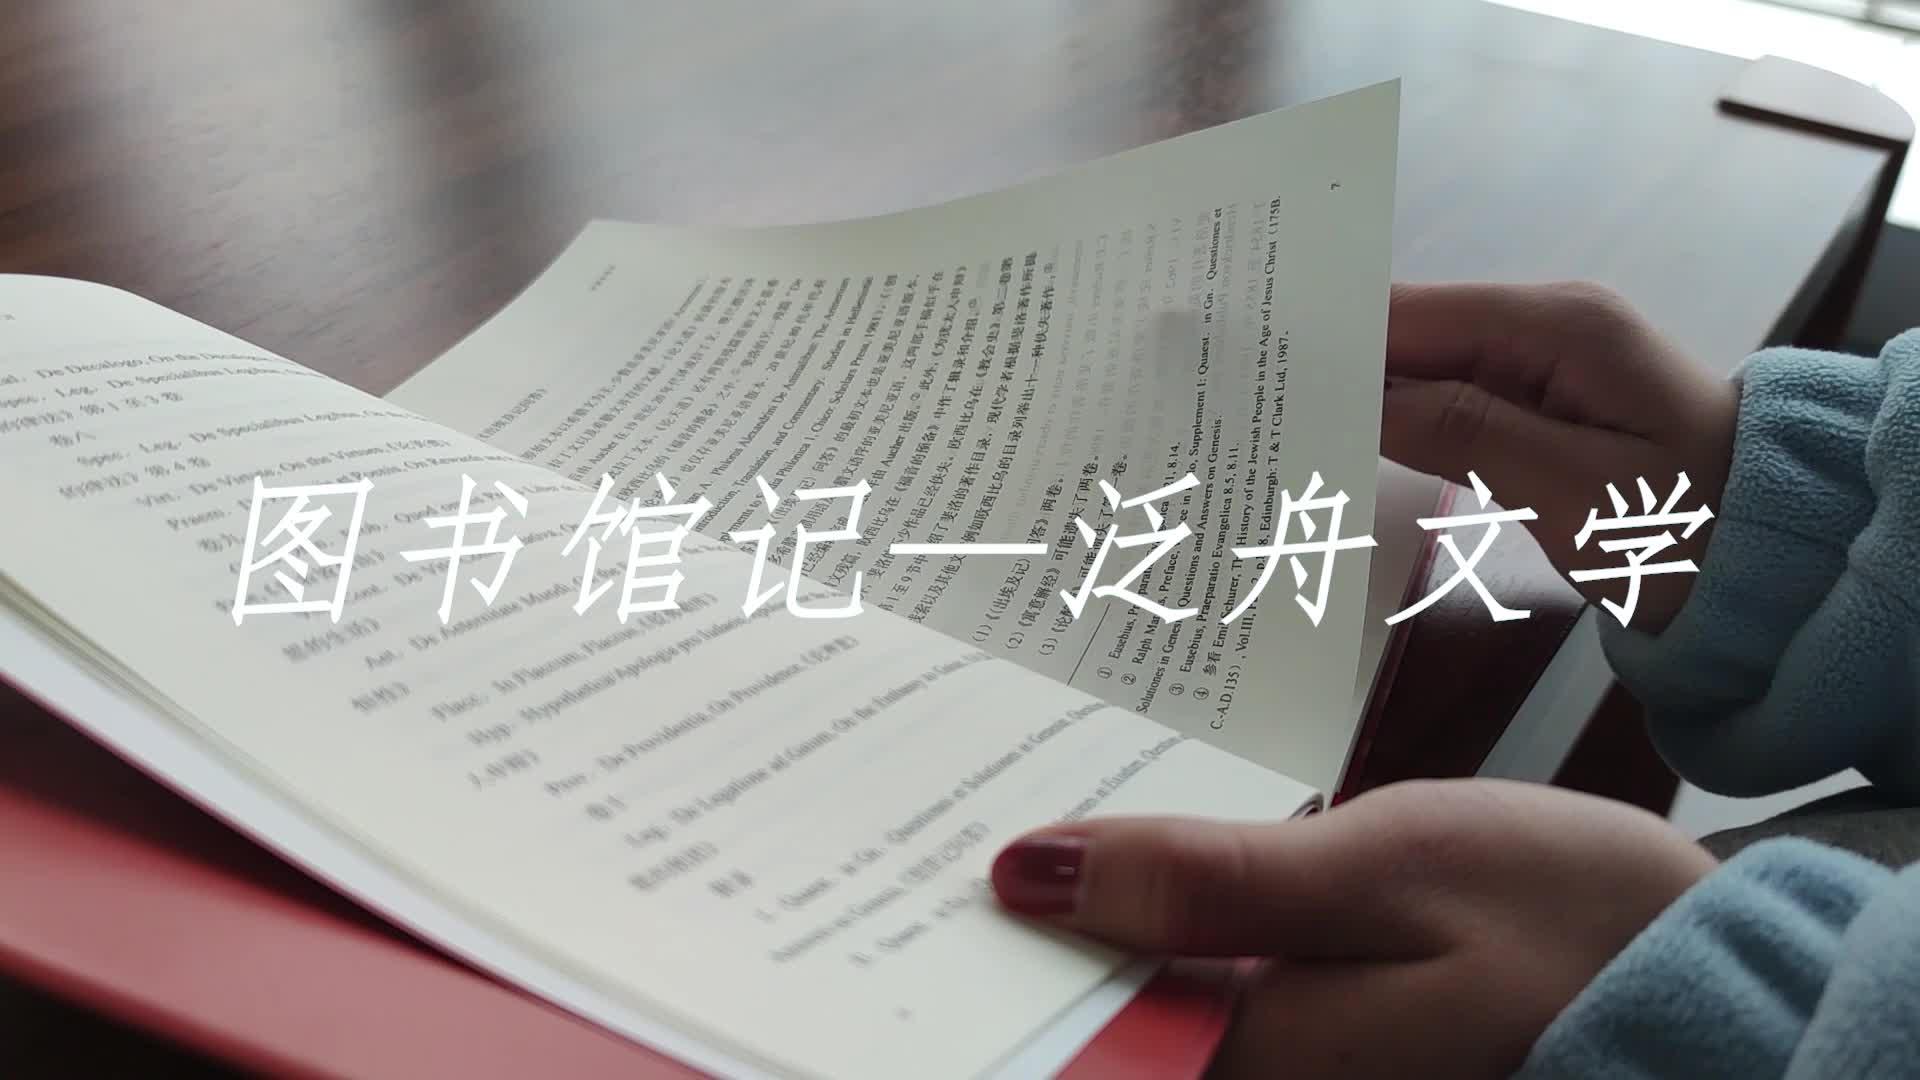 90 贵州财经大学 中国语言文学系 韦龙洲